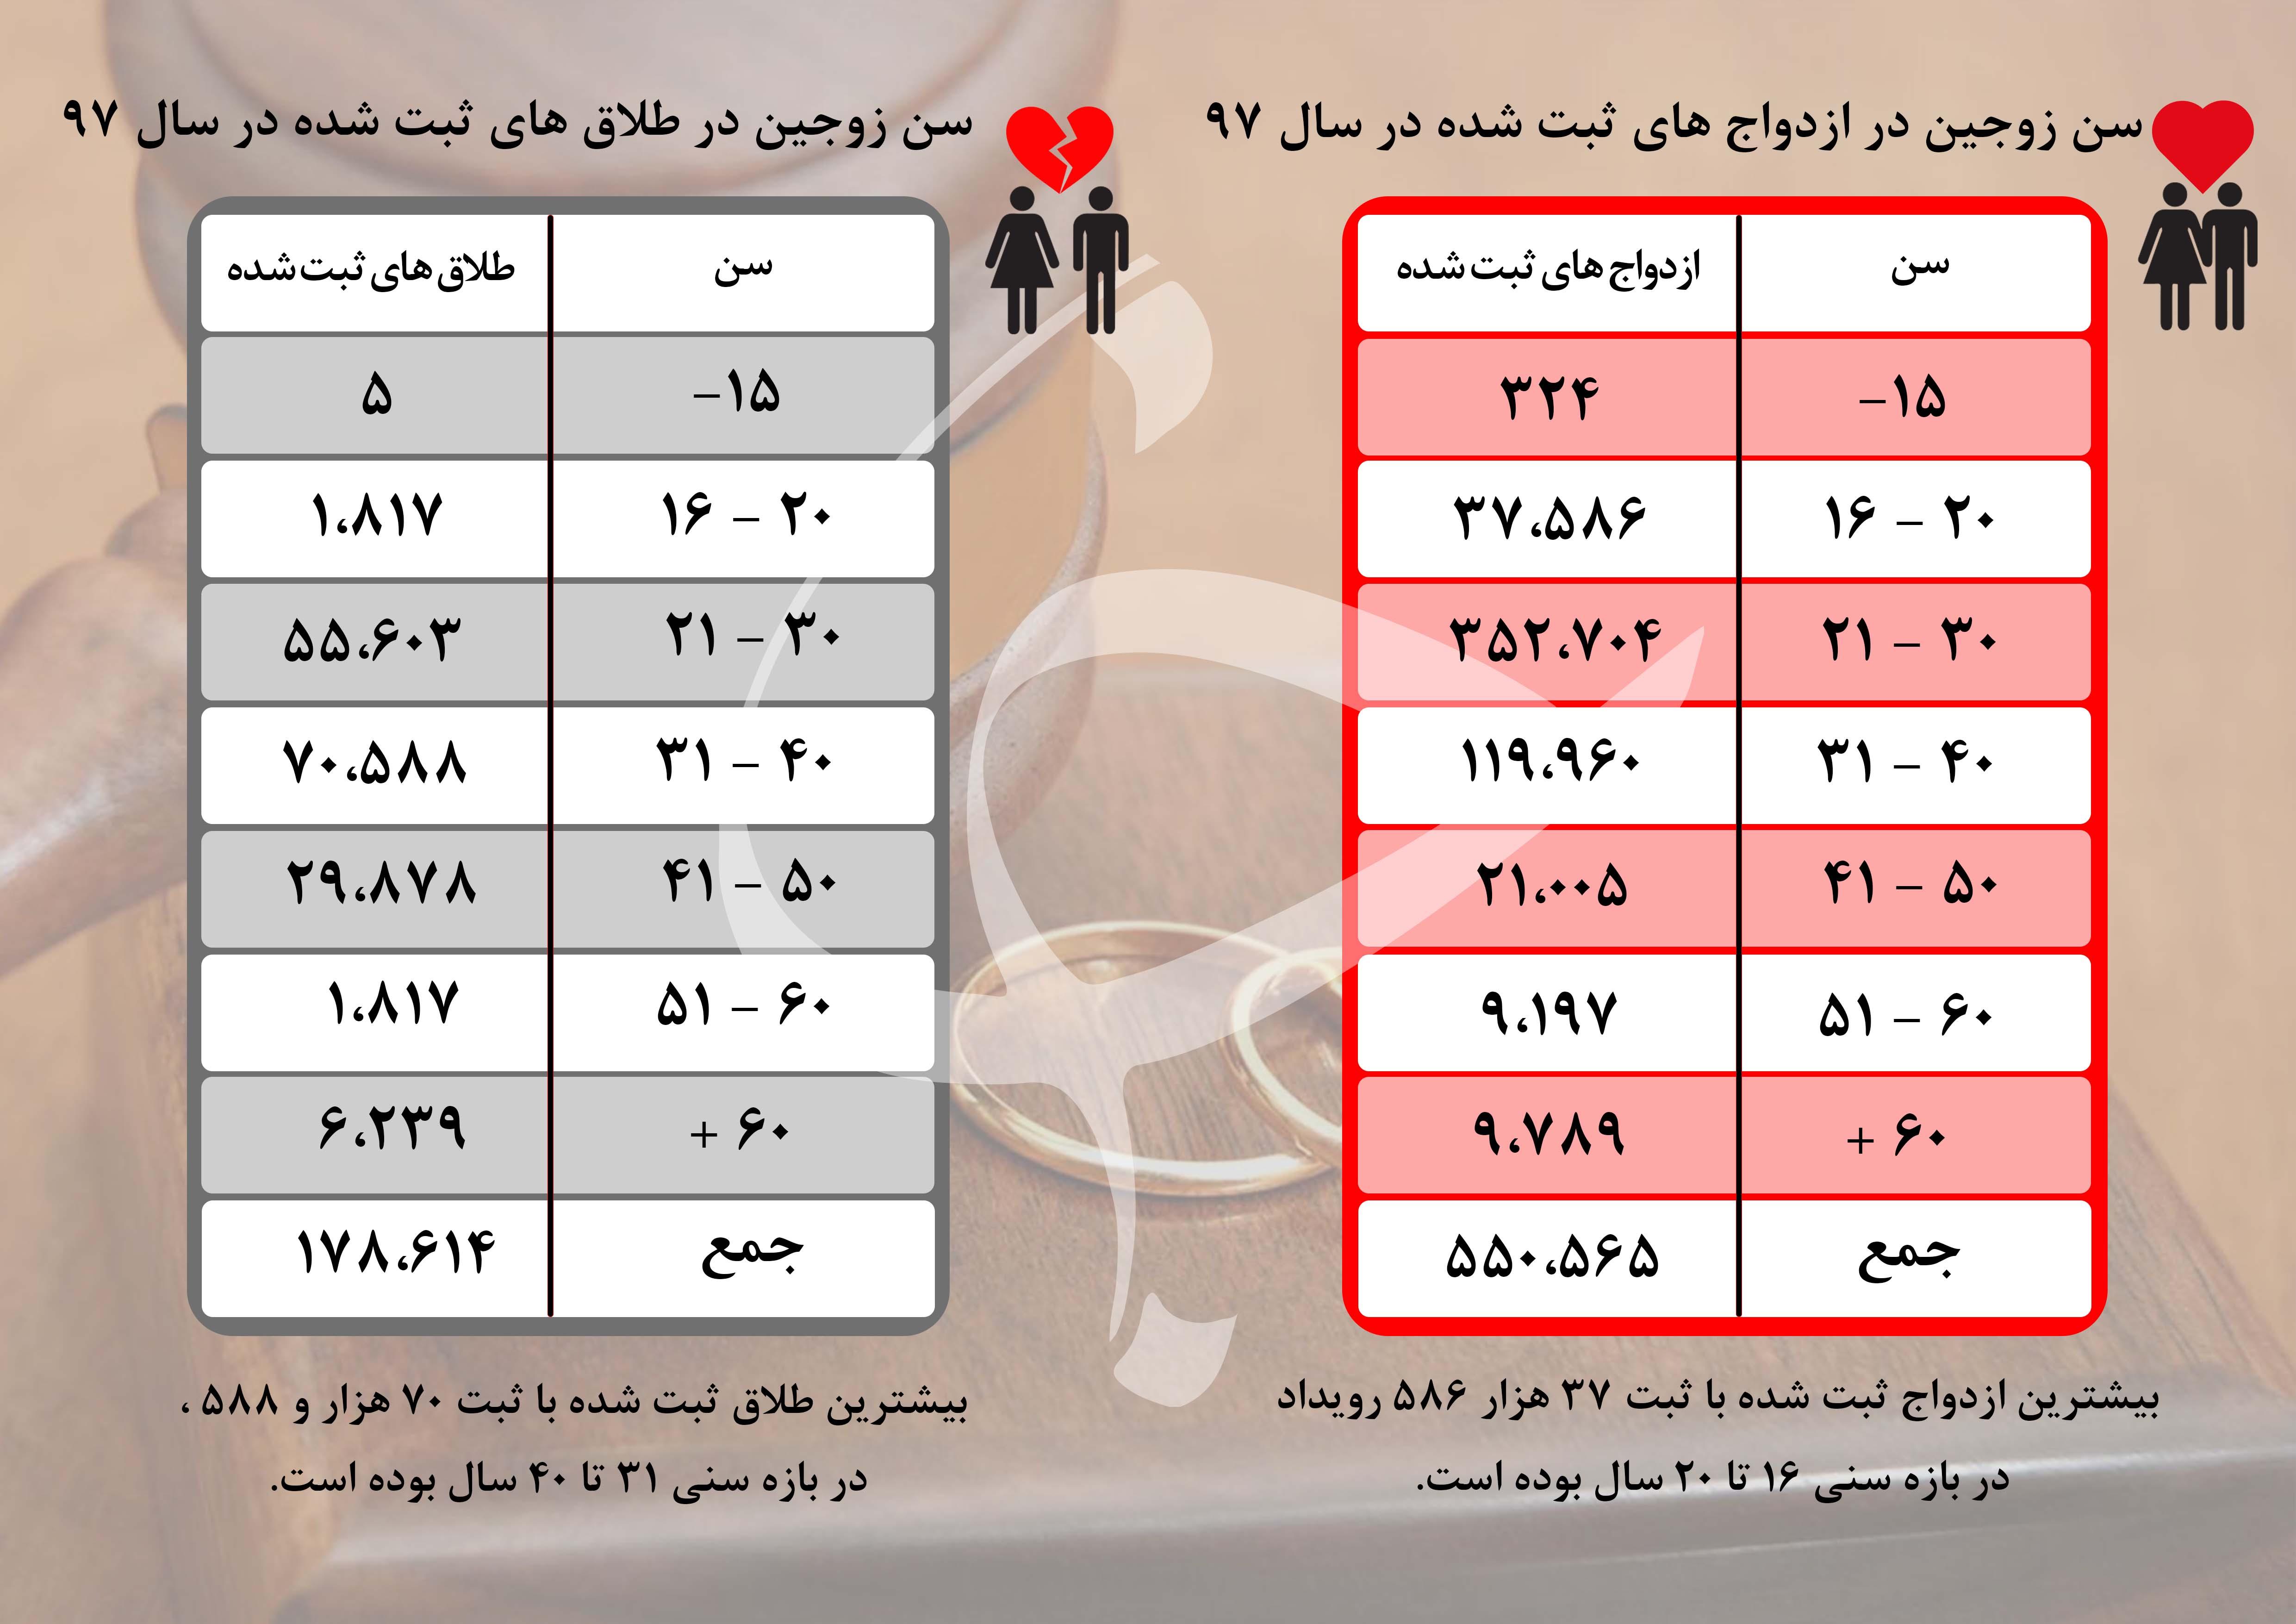 هرم سنی افراد در زمان ازدواج و طلاق در سال ۹۷/ بیشترین آمار ازدواج و طلاق در چه بازه سنی است؟